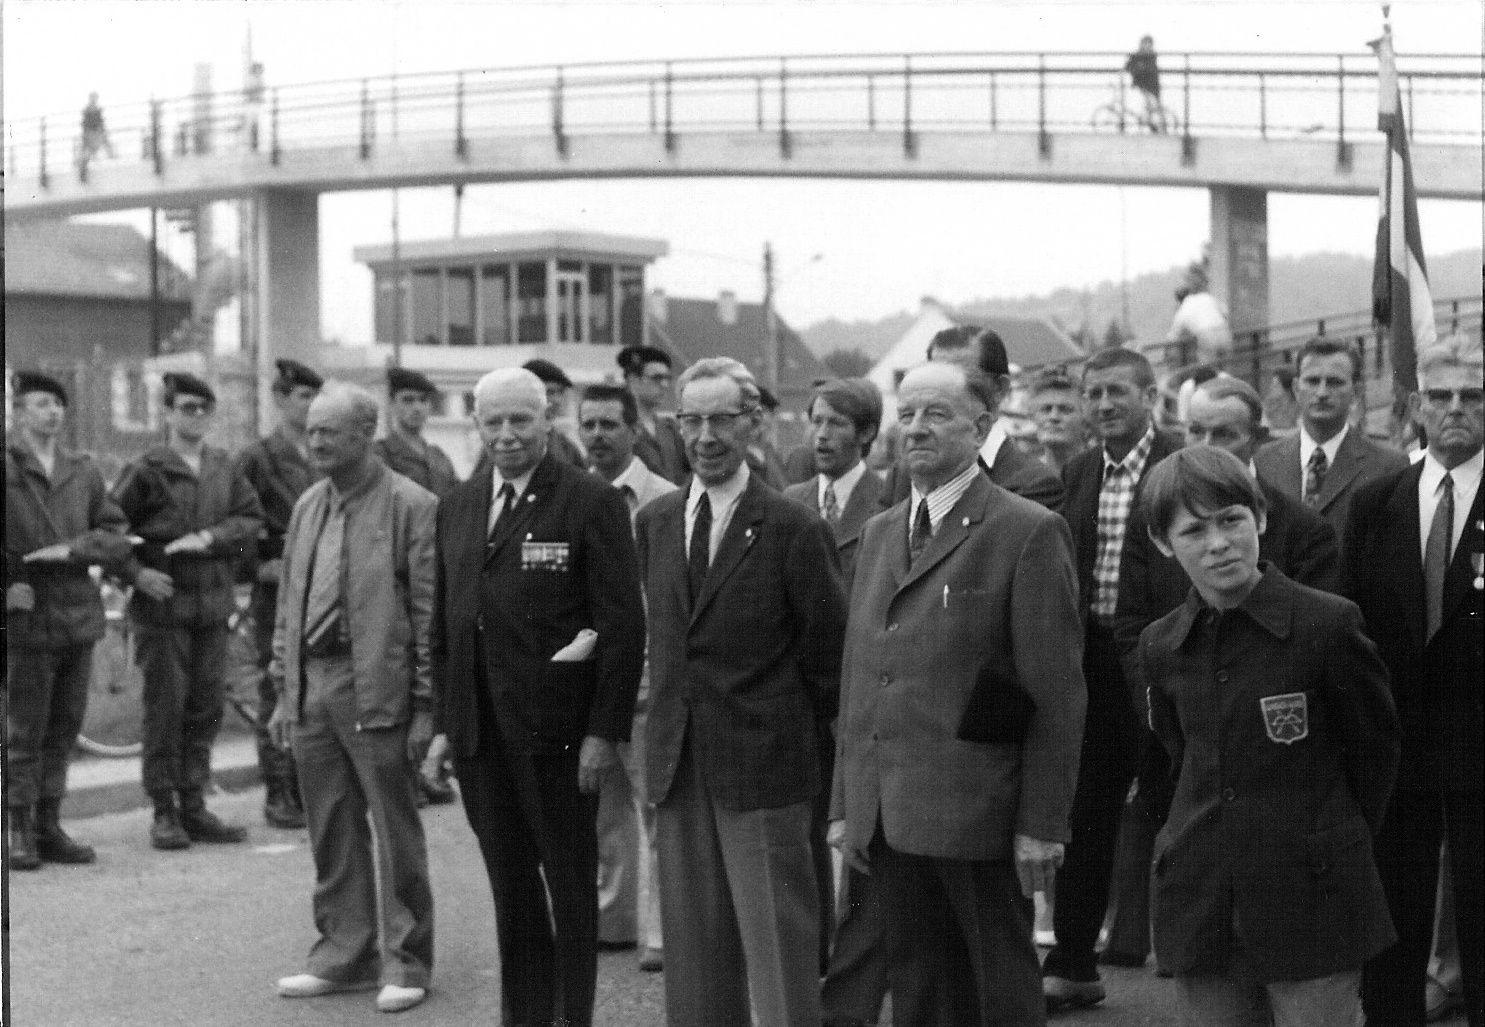 Album - le village de Longueil-Annel (Oise), inauguration de l'avenue du général De Gaulle